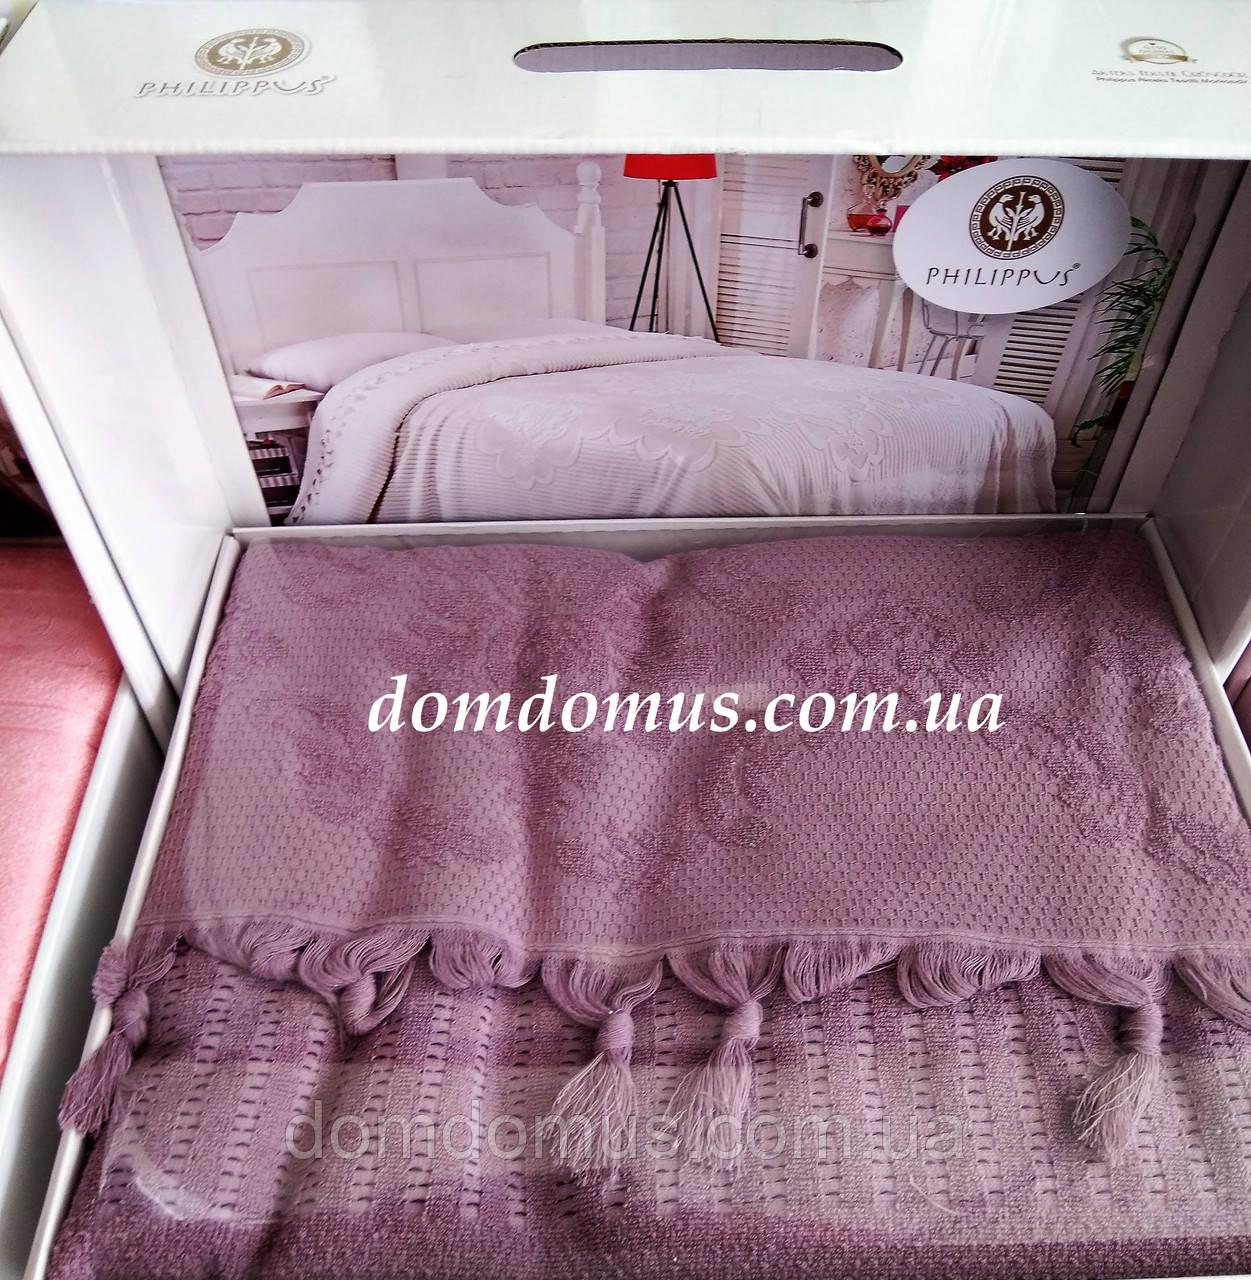 Махровая простыньTW DOLPHINS 200*220 см (хлопок) Турция 0223